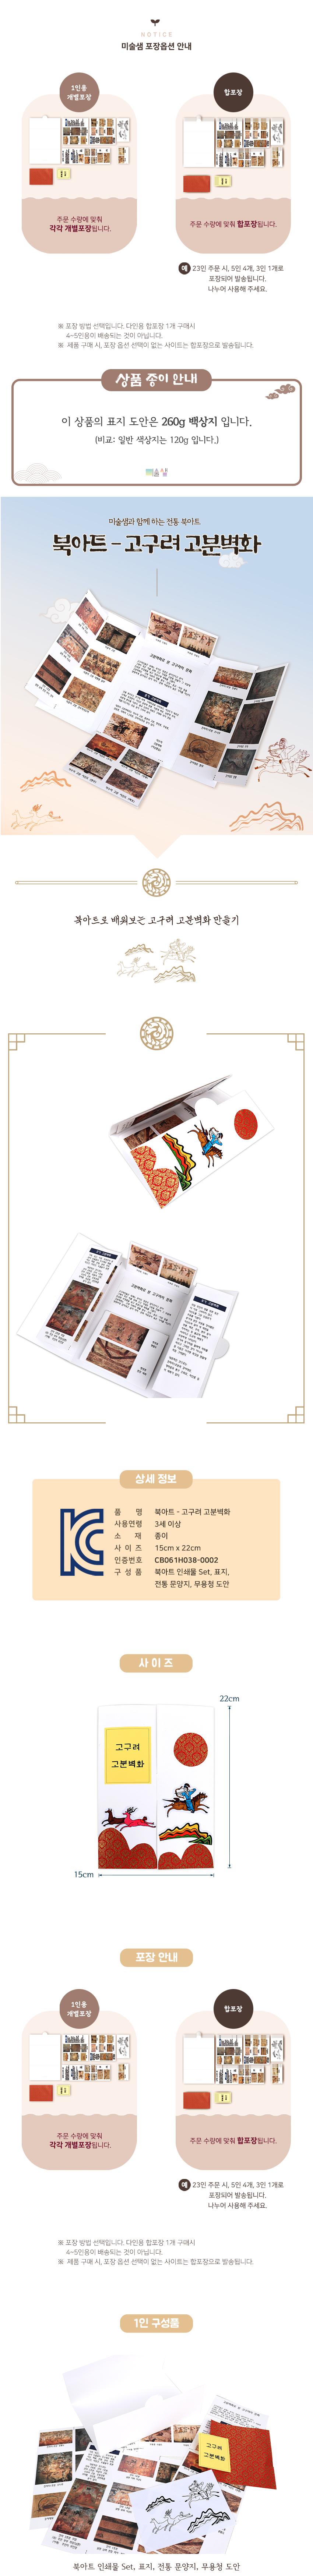 북아트 고구려 고분벽화 5인용 - 미술샘, 11,000원, 종이공예/북아트, 북아트 패키지